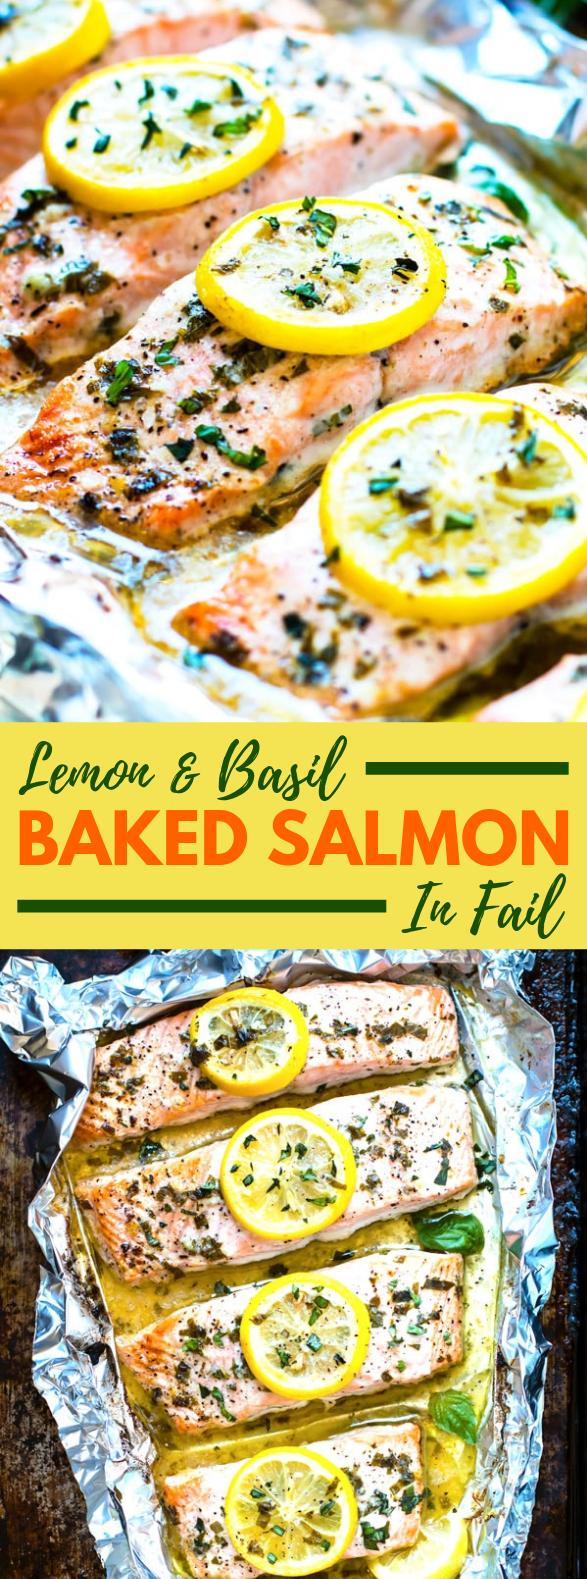 BASIL & LEMON BAKED SALMON IN FOIL #Paleo #Glutenfree